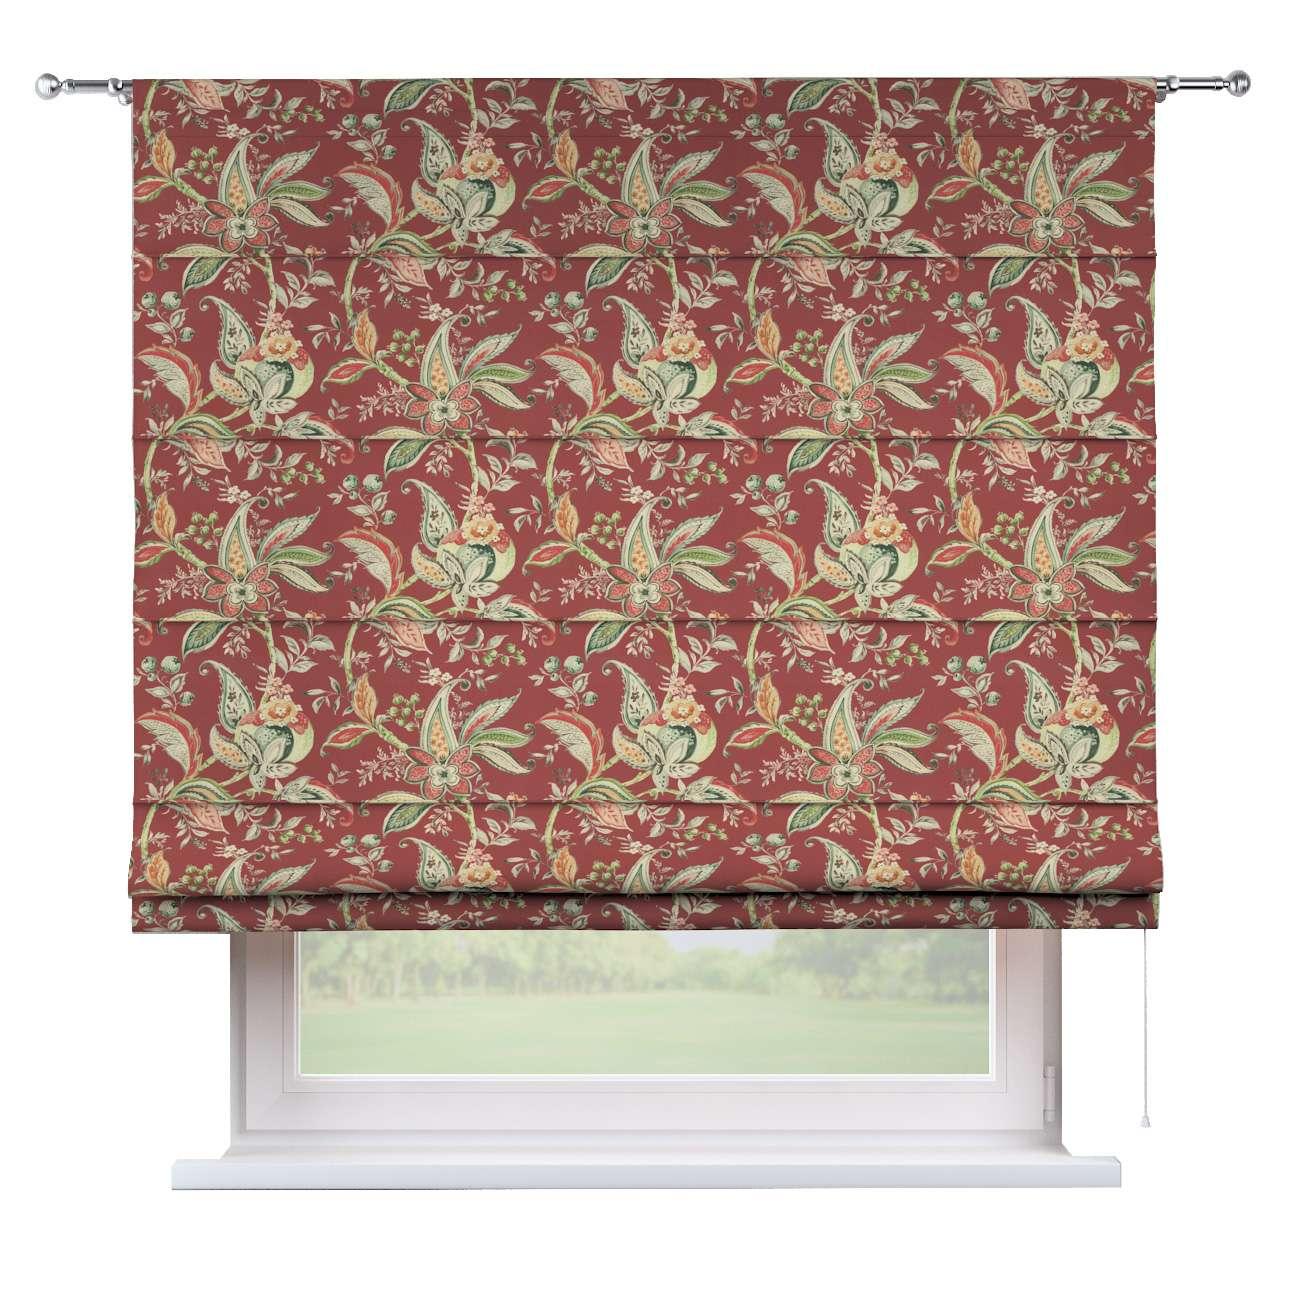 Roleta rzymska Torino w kolekcji Gardenia, tkanina: 142-12